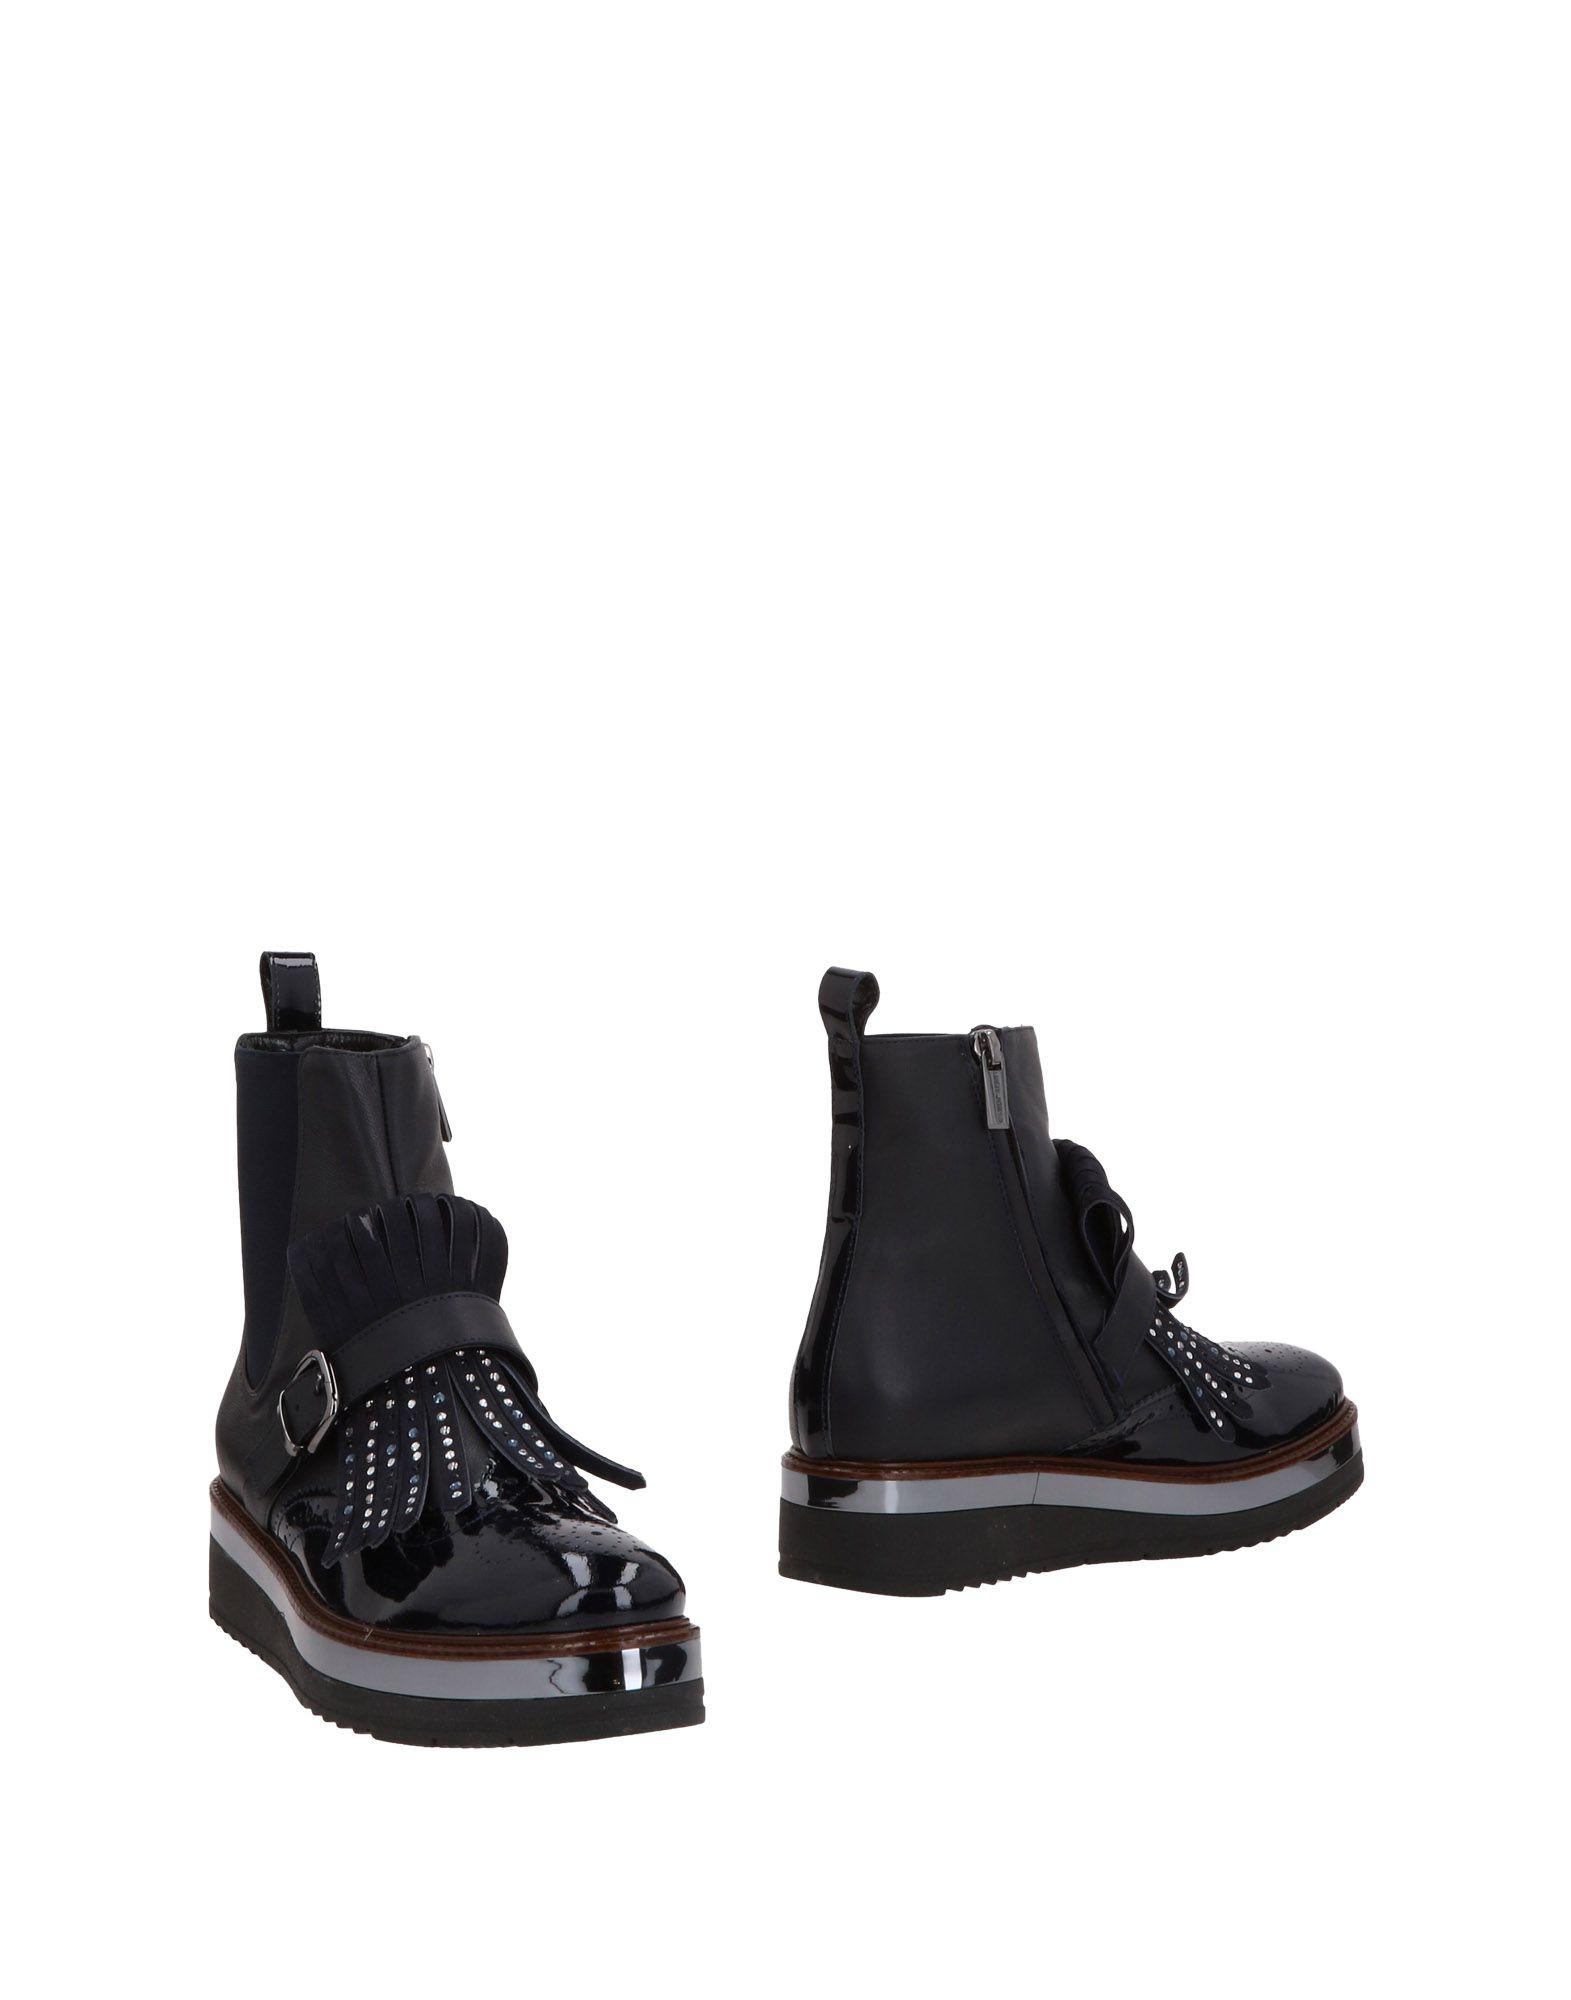 Rabatt Schuhe Schuhe Rabatt Loretta Pettinari Stiefelette Damen  11474856LI 7cf1d3